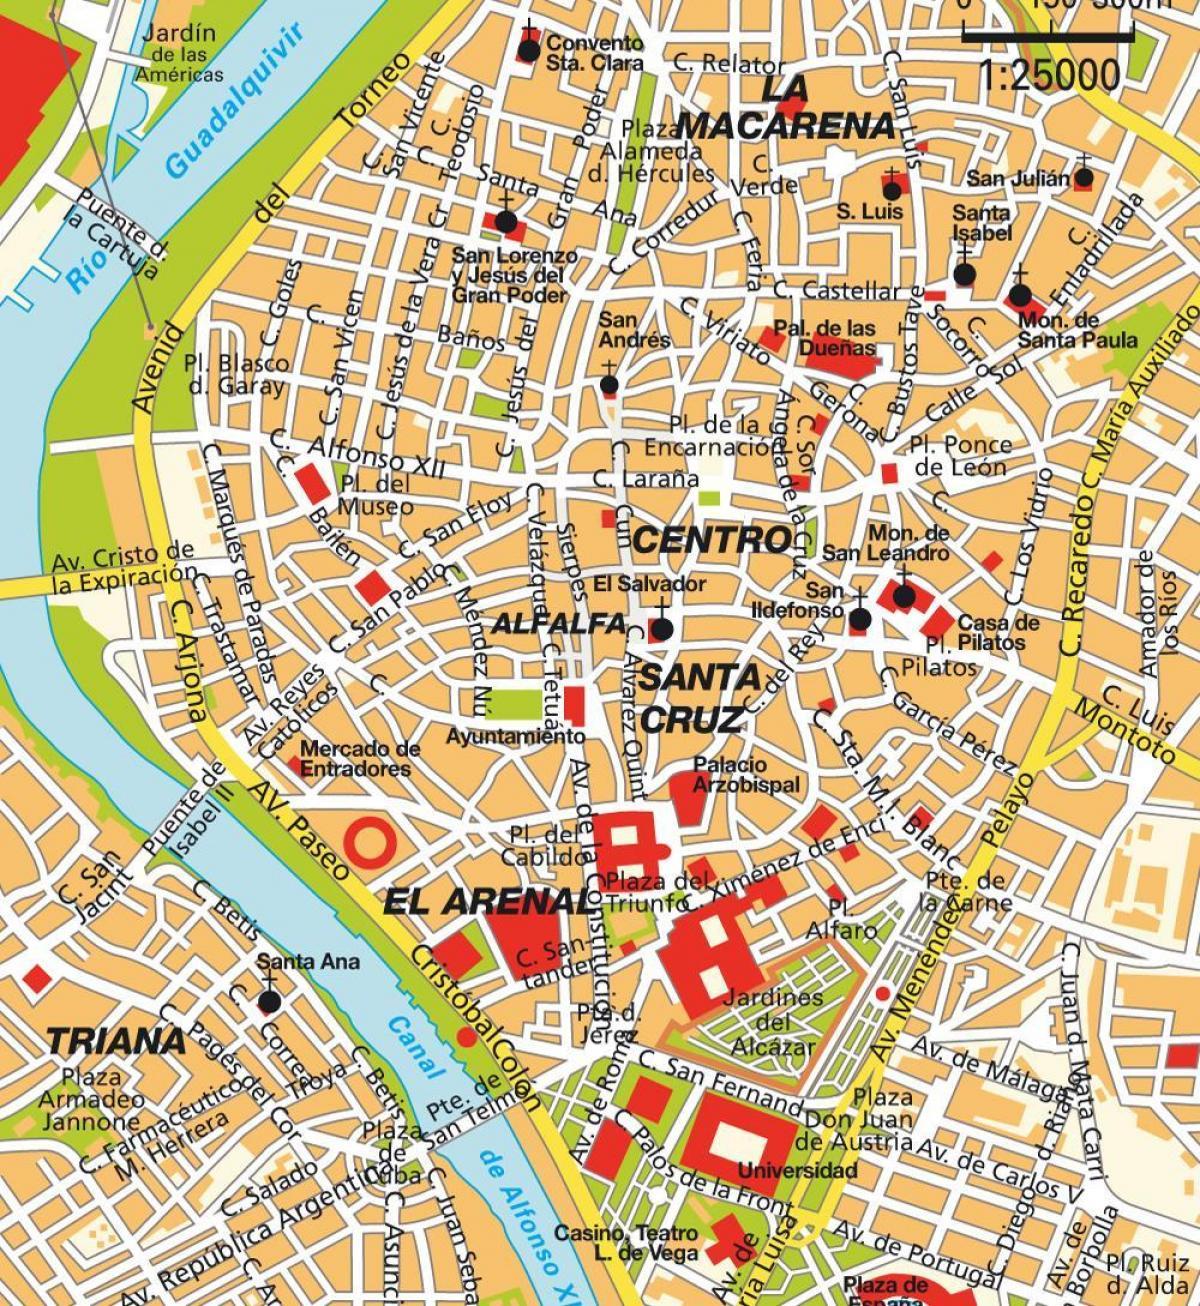 Cartina Siviglia Spagna.Mappa Di Centro Di Siviglia Mappa Di Siviglia In Spagna Centro Citta Andalusia Spagna